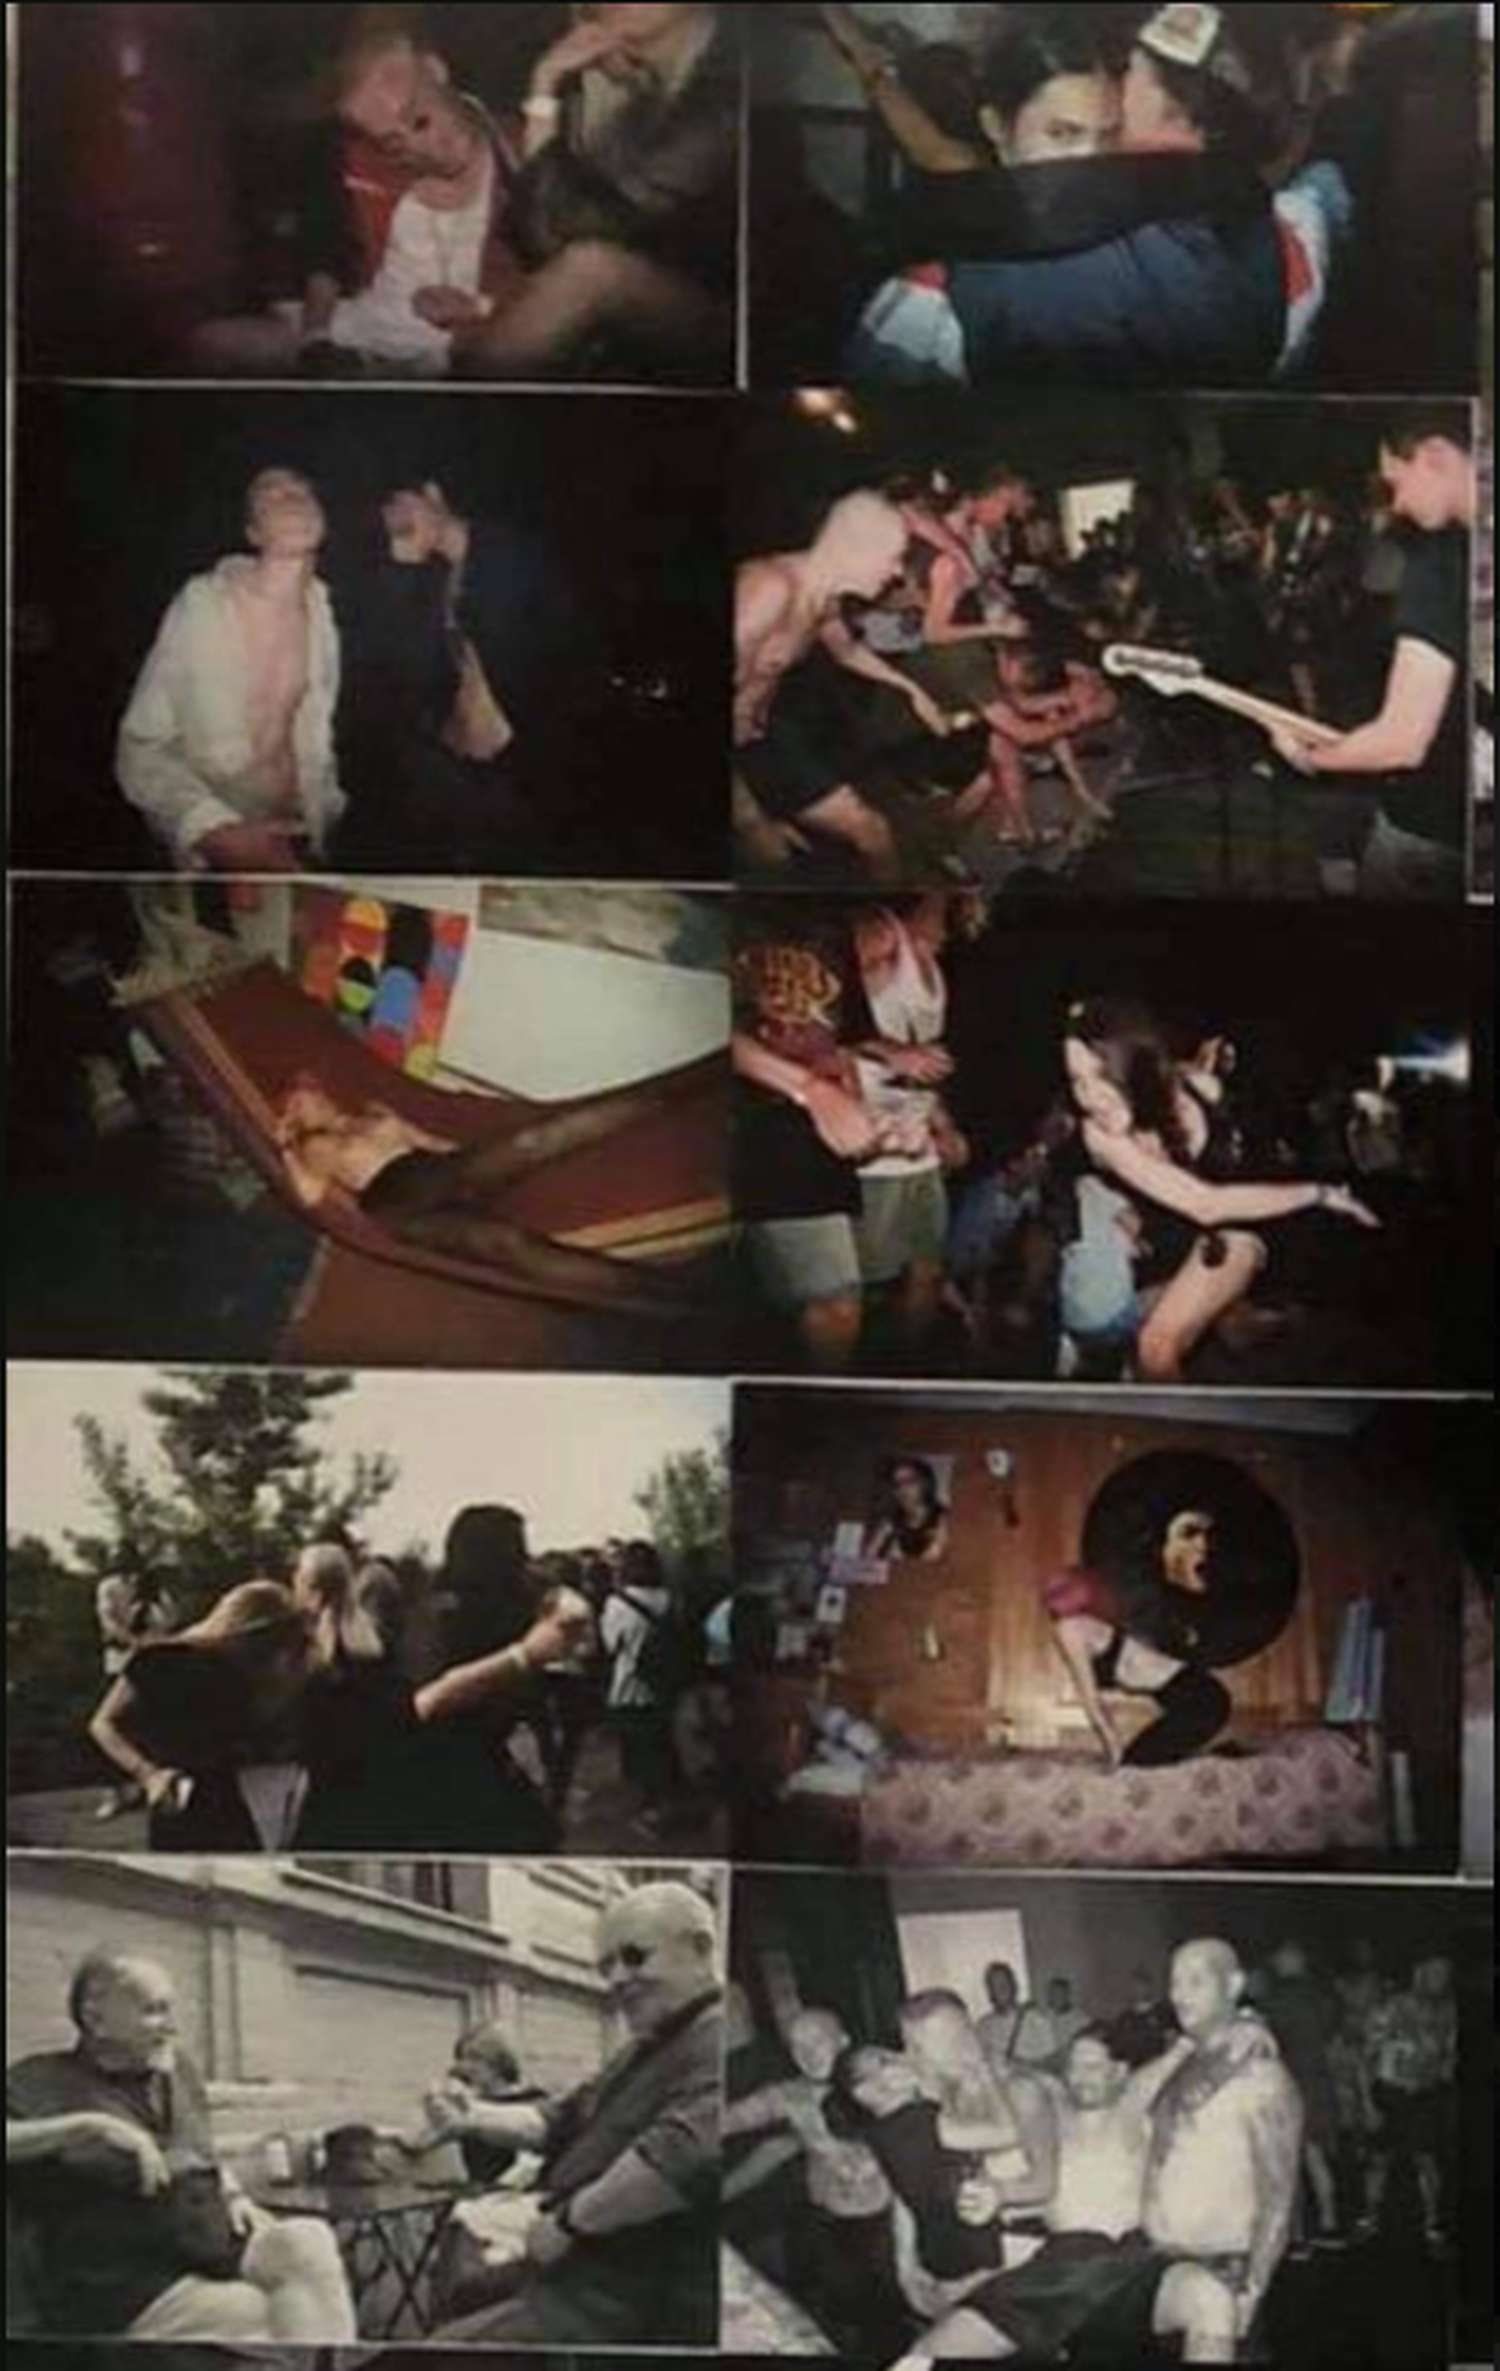 Гениталии и пьяные девушки в Мыстецком Арсенале за 1,5 млн грн - фото 3